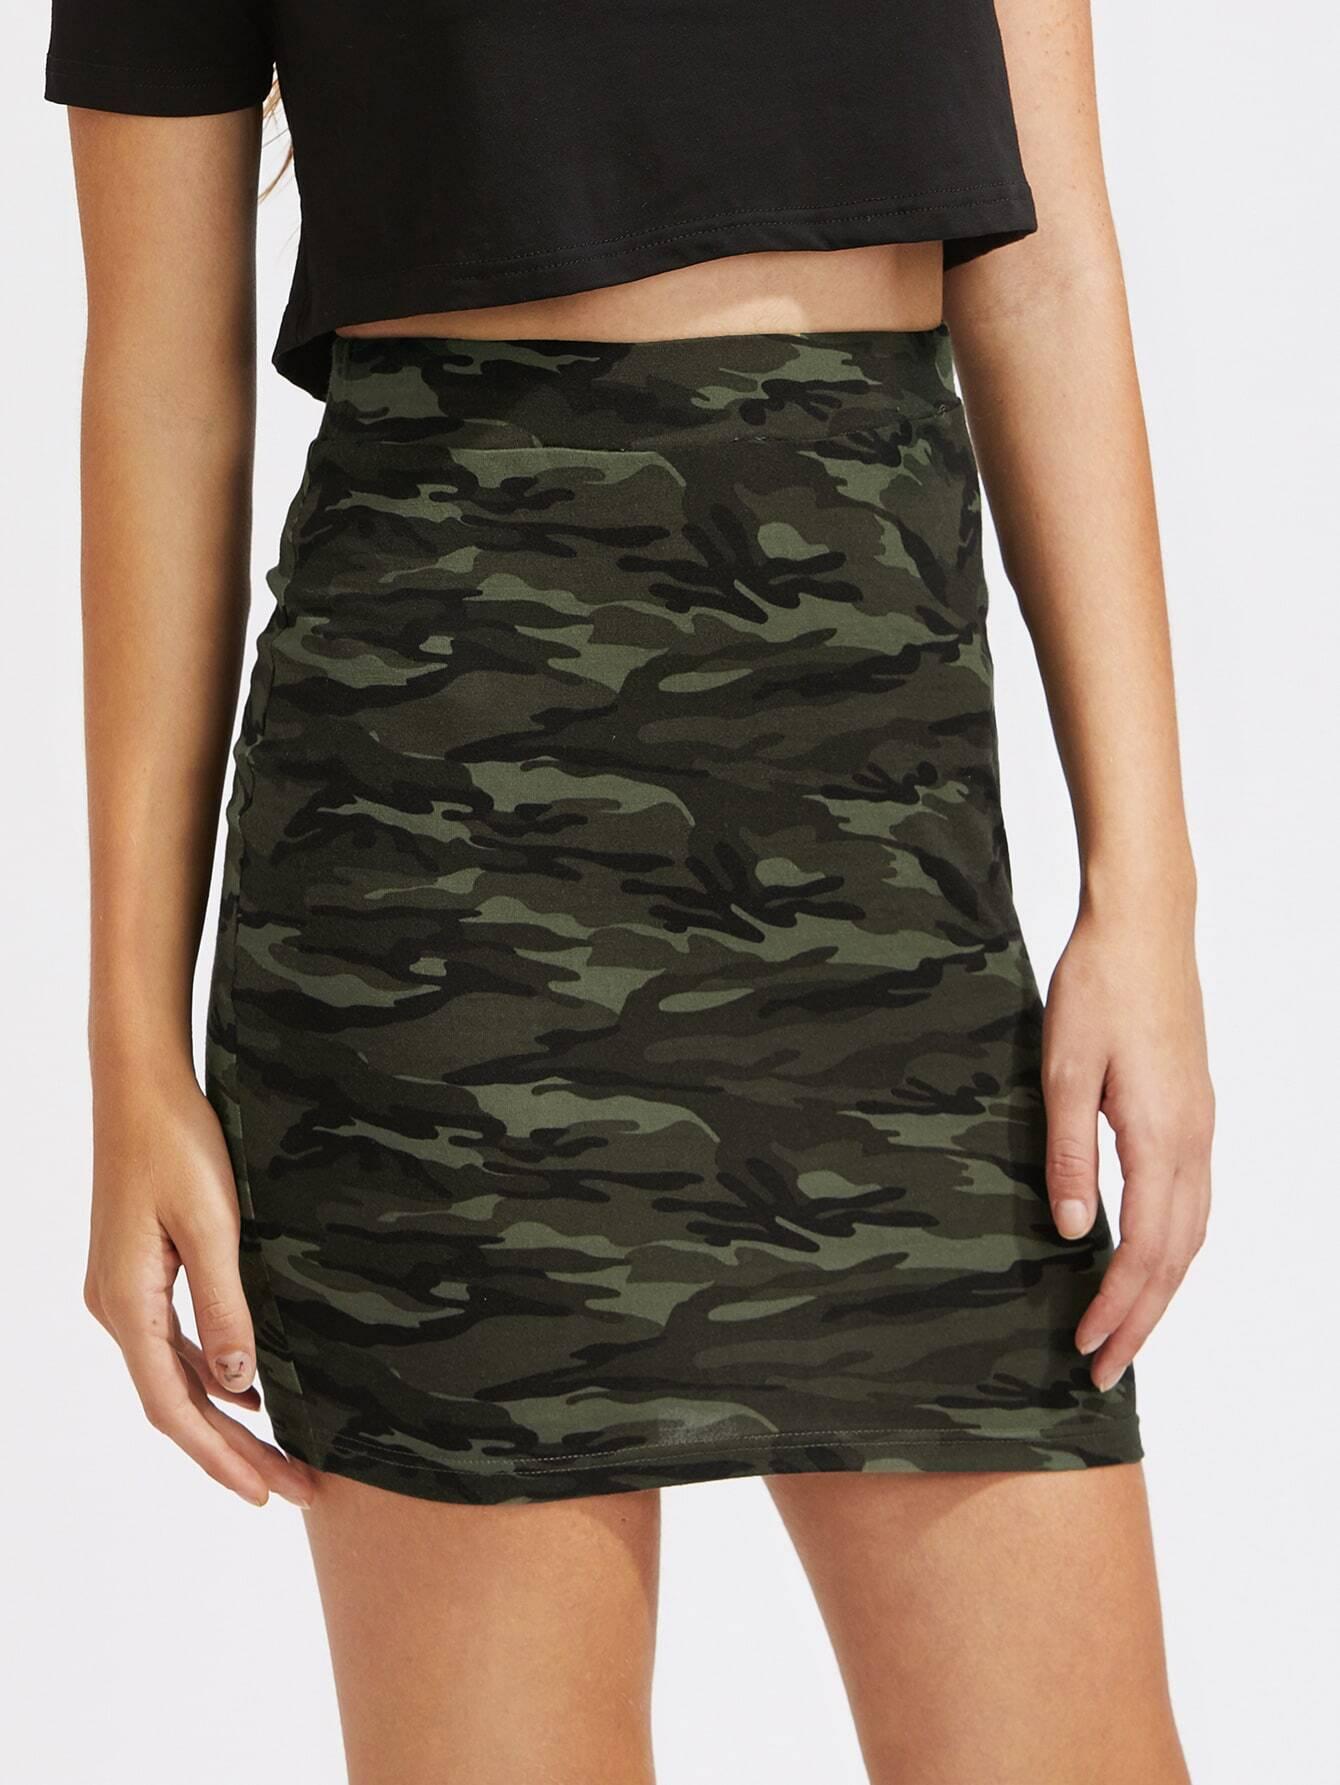 Camo Print Elastic Waist Bodycon Skirt